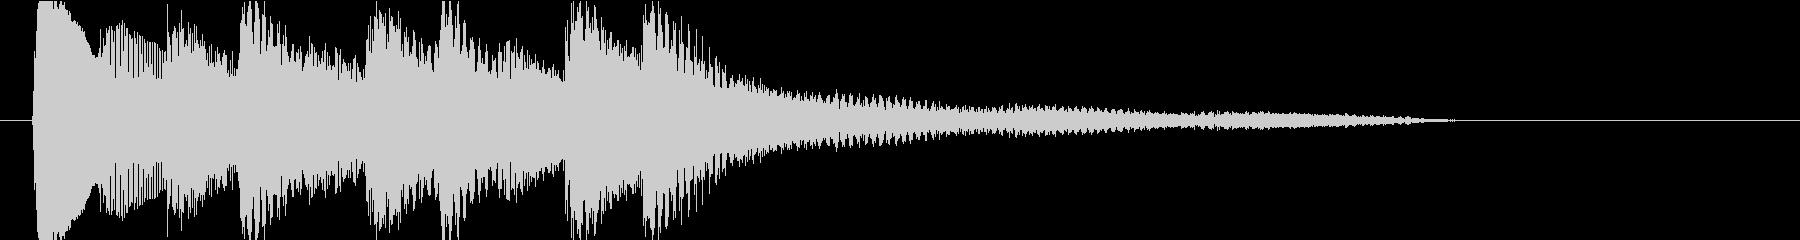 アイキャッチ4 ピアノの未再生の波形